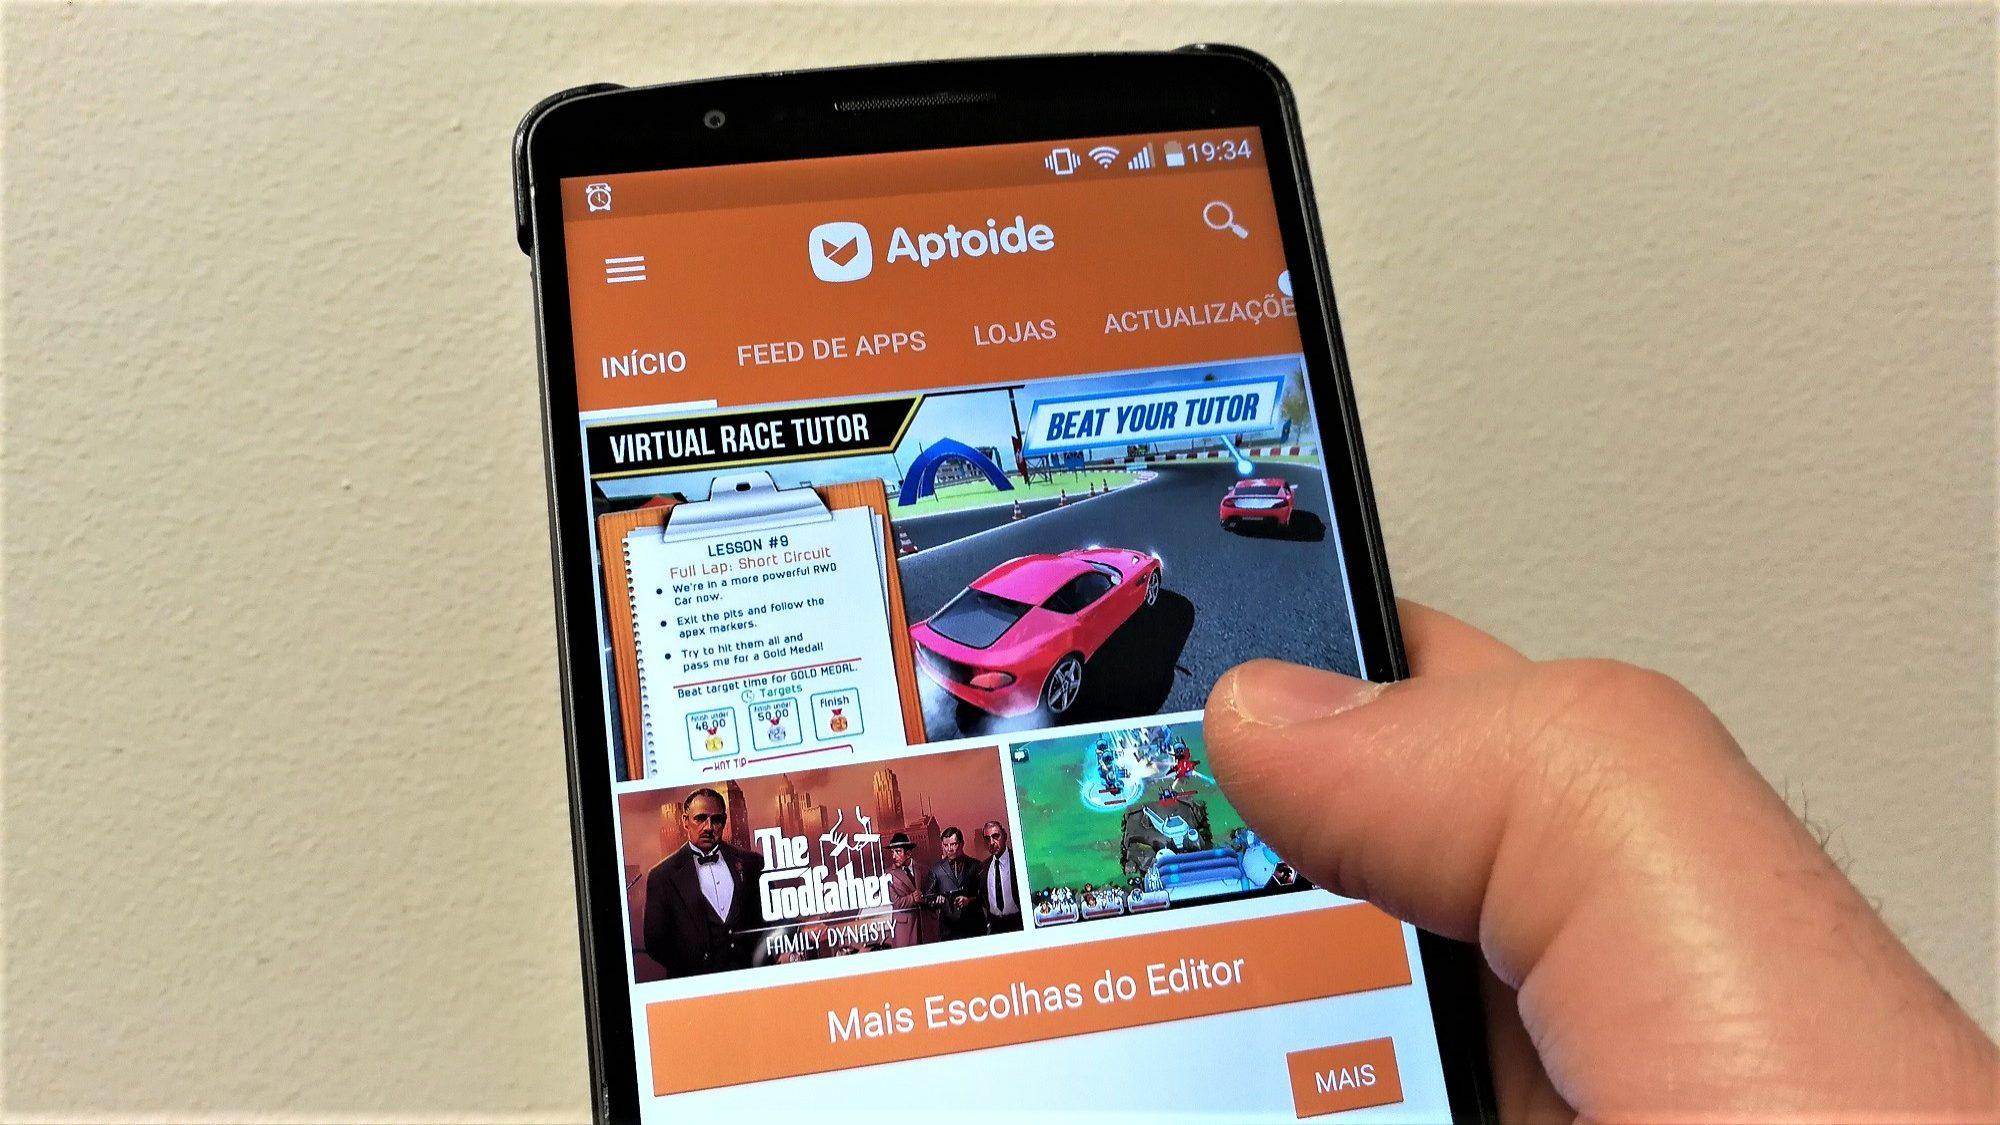 Portuguesa Aptoide ganha processo contra a gigante Google